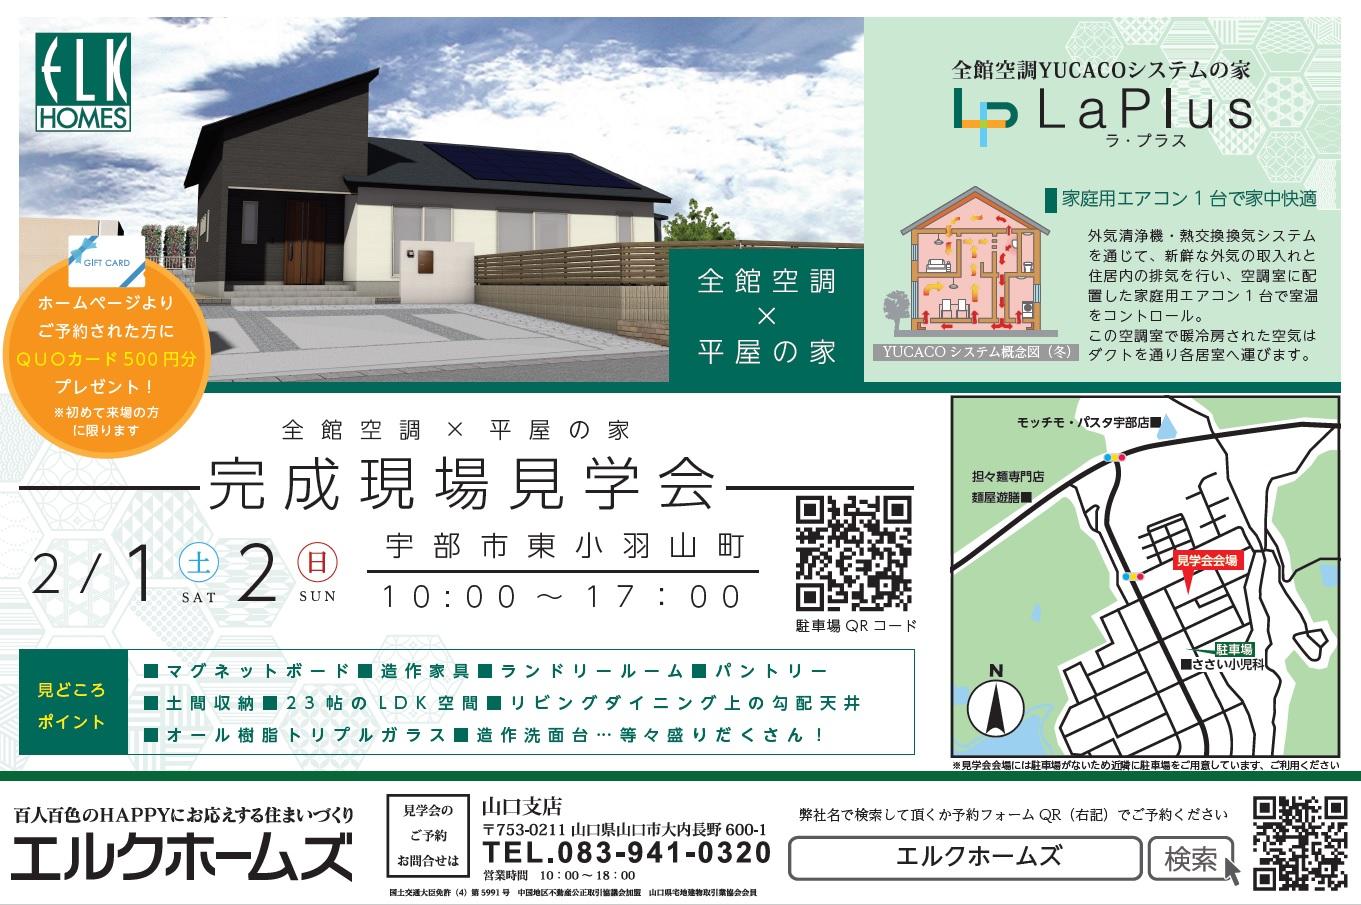 画像:2/1~2宇部市東小羽山町にて完成見学会開催!